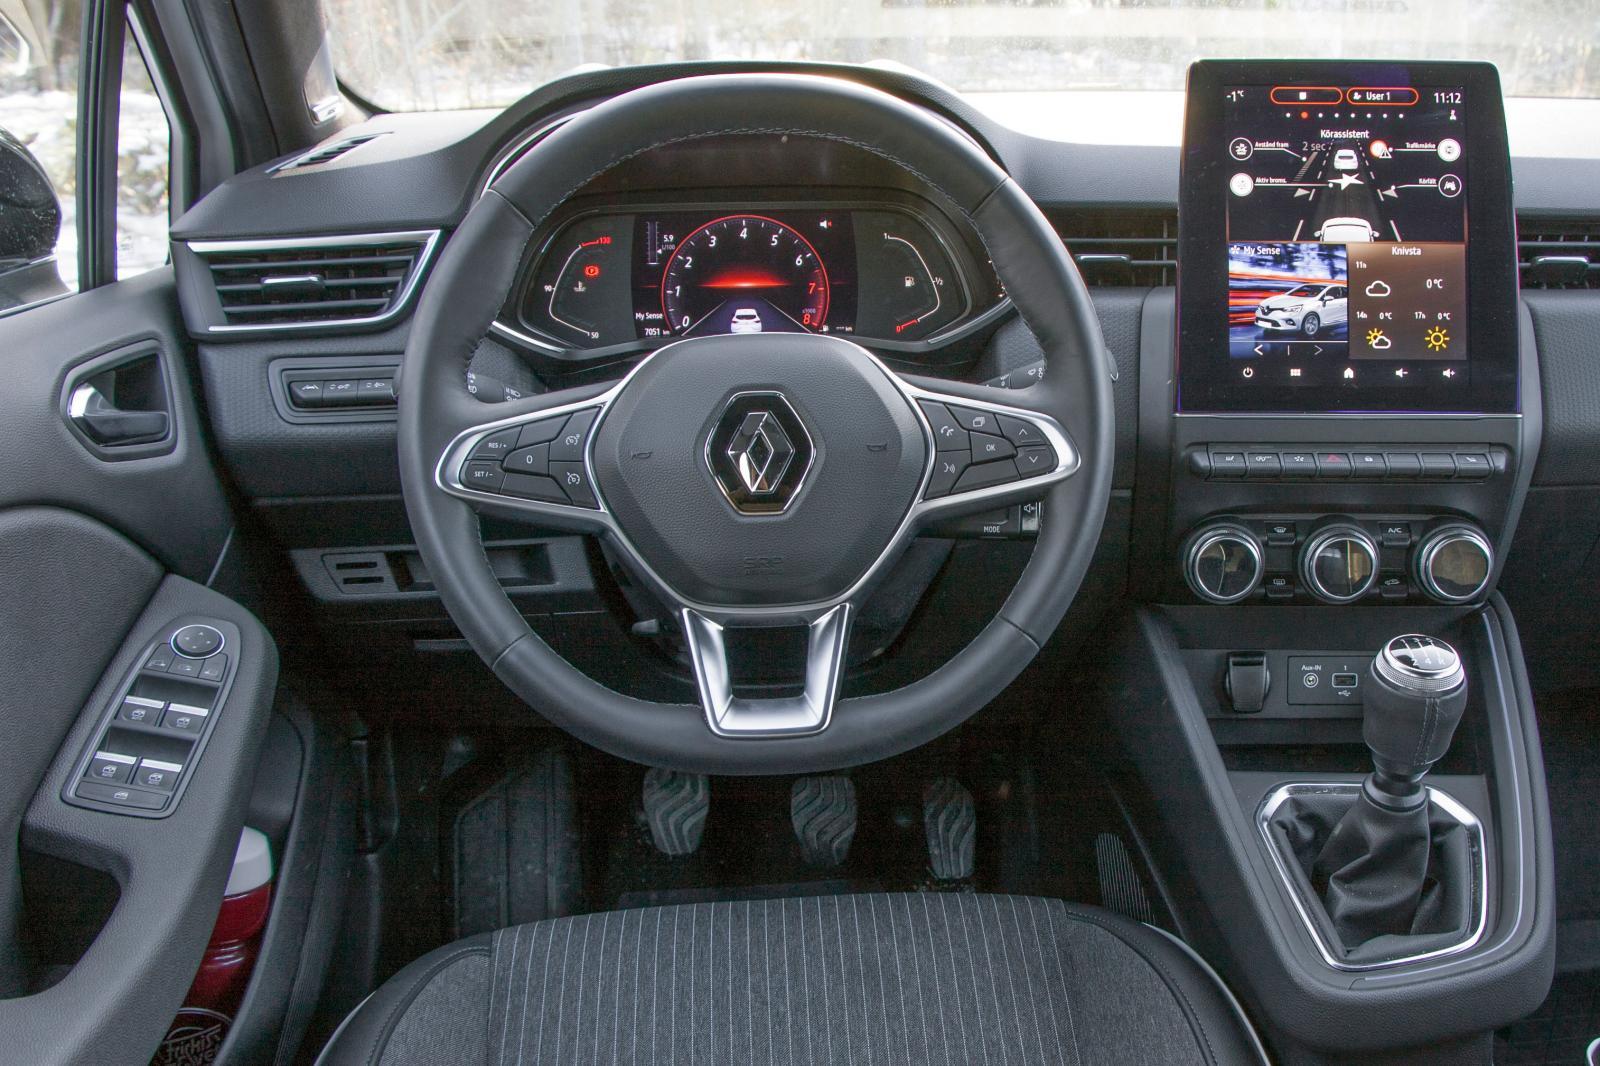 Renault: Snudd på storbilskänsla, rediga funktioner och ett klart lyft i både finish och stil jämfört med tidigare Clio. Högt placerad växelspak, bra rattreglage.